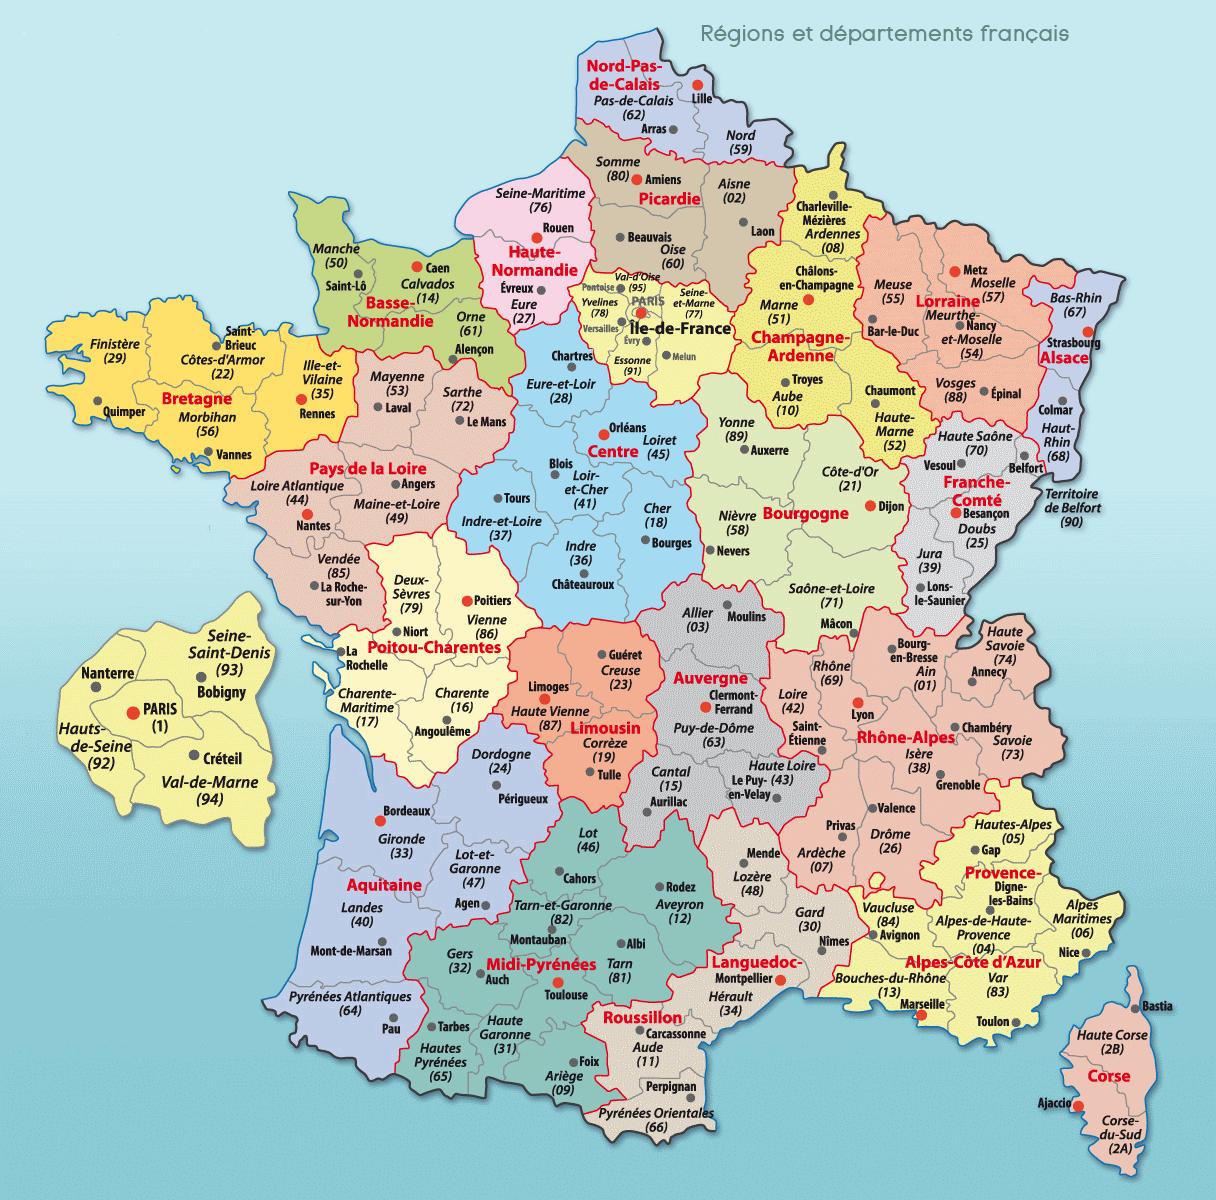 Carte France Villes : Carte Des Villes De France concernant Carte Departement Francais Avec Villes